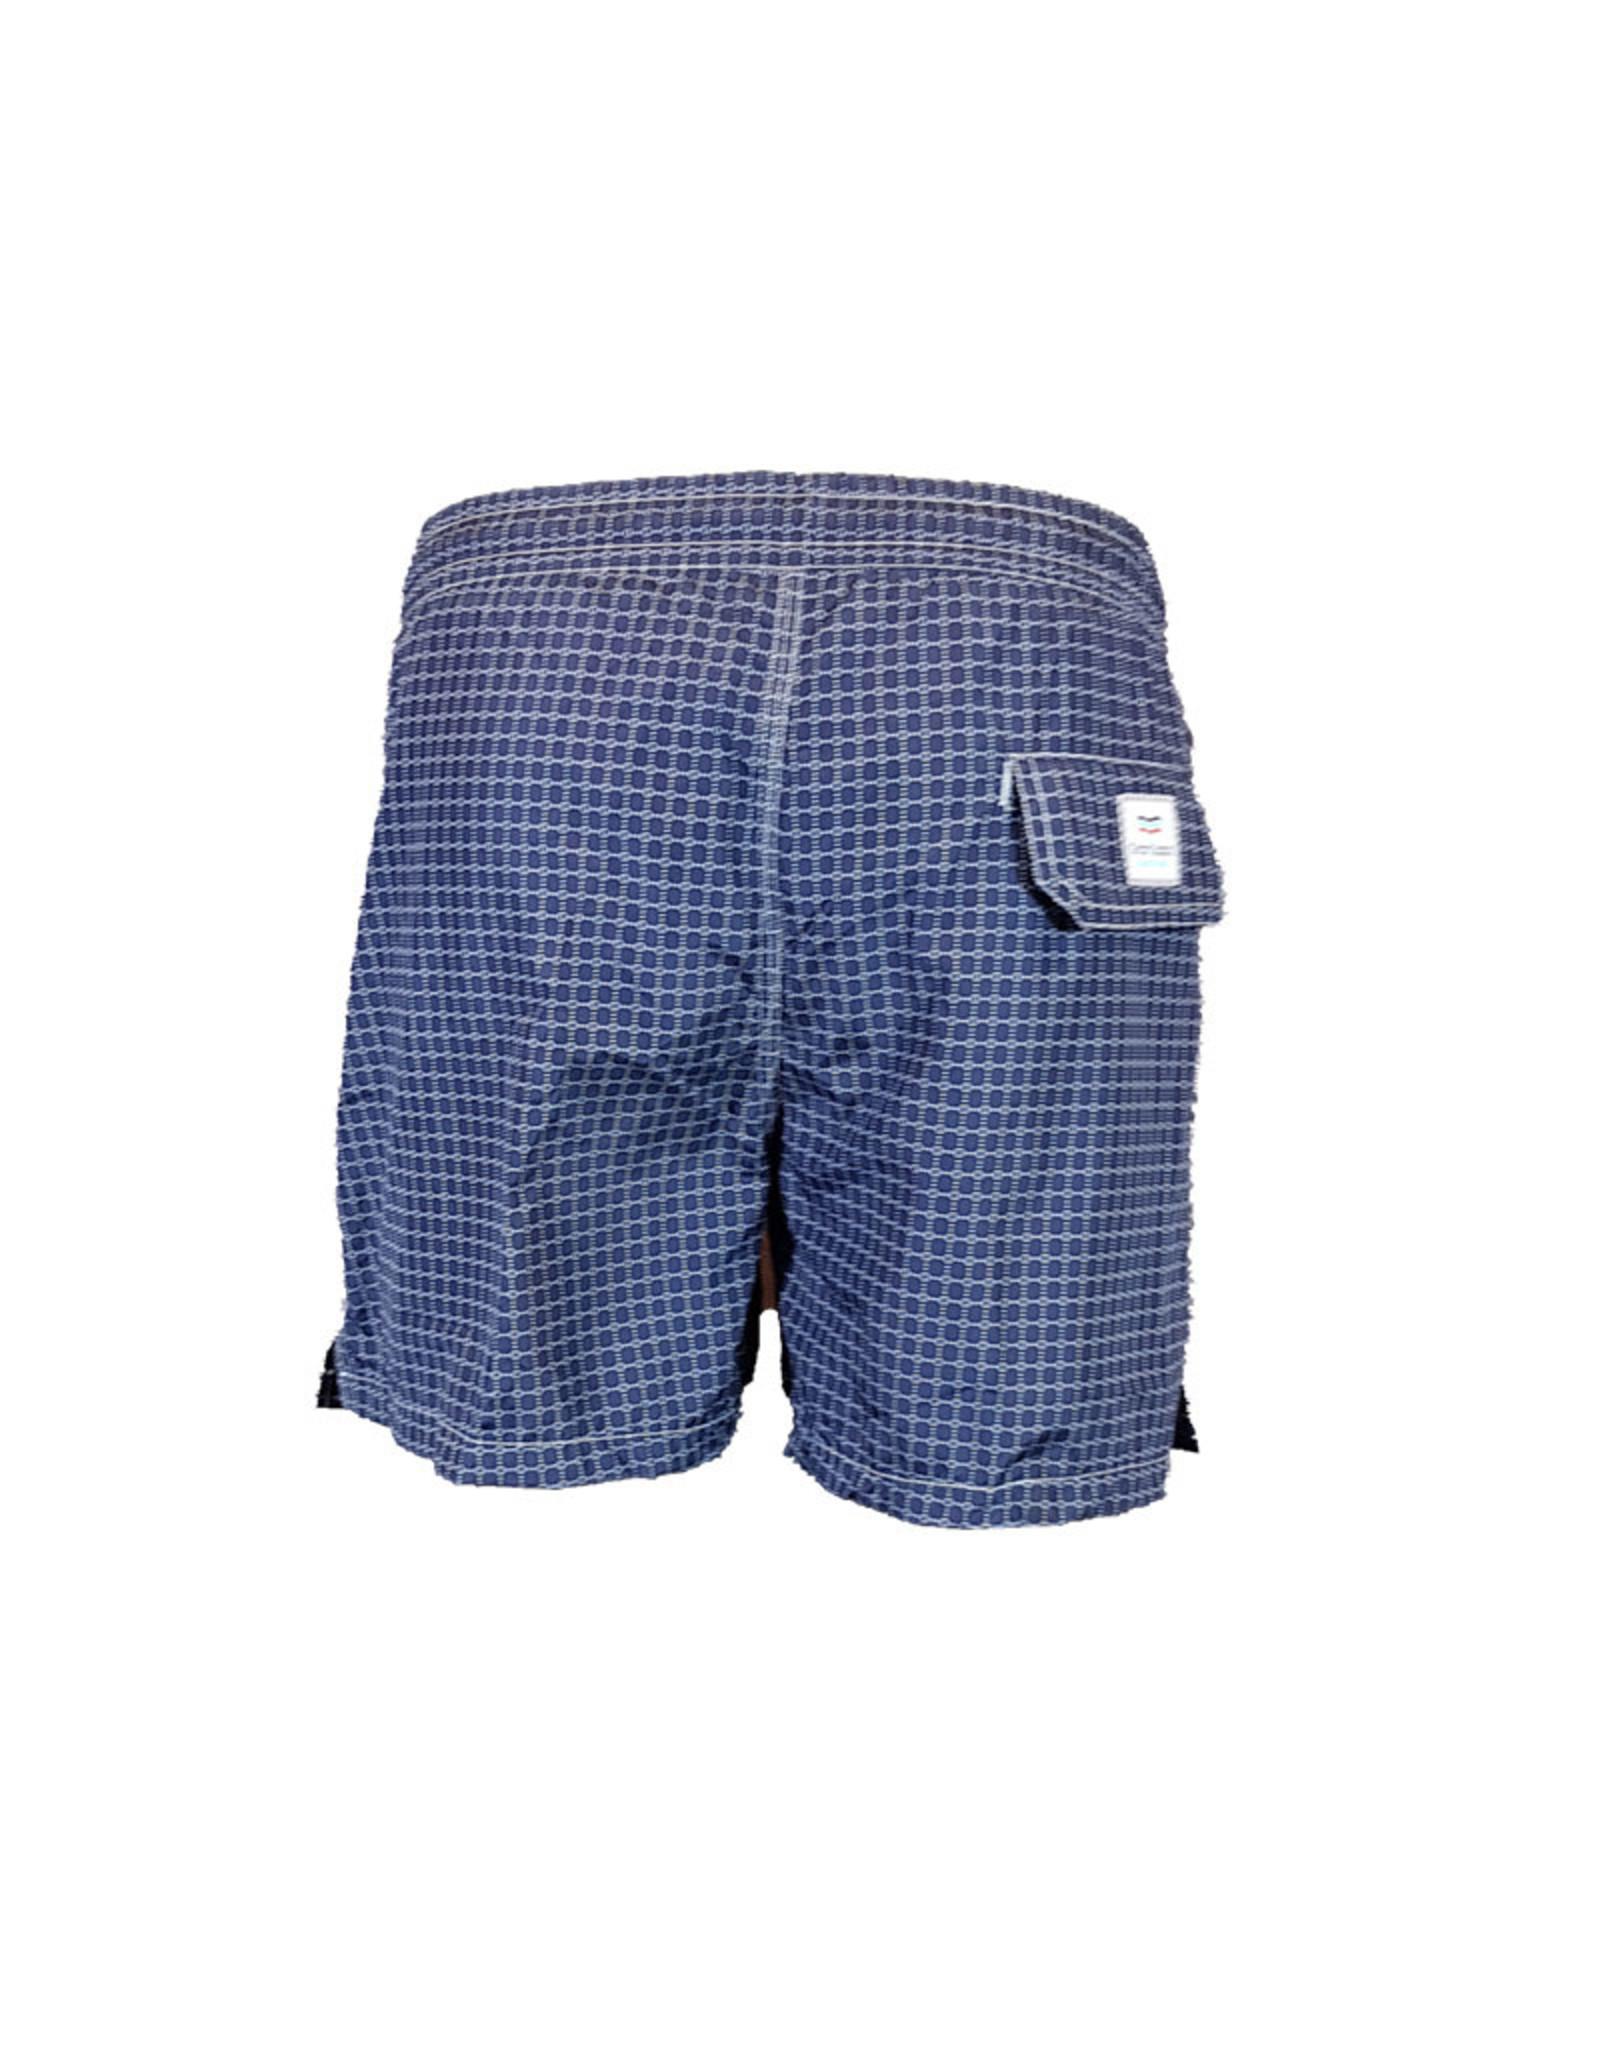 Gran Sasso Gran Sasso zwembroek blauw motief 52200/931 M:90101